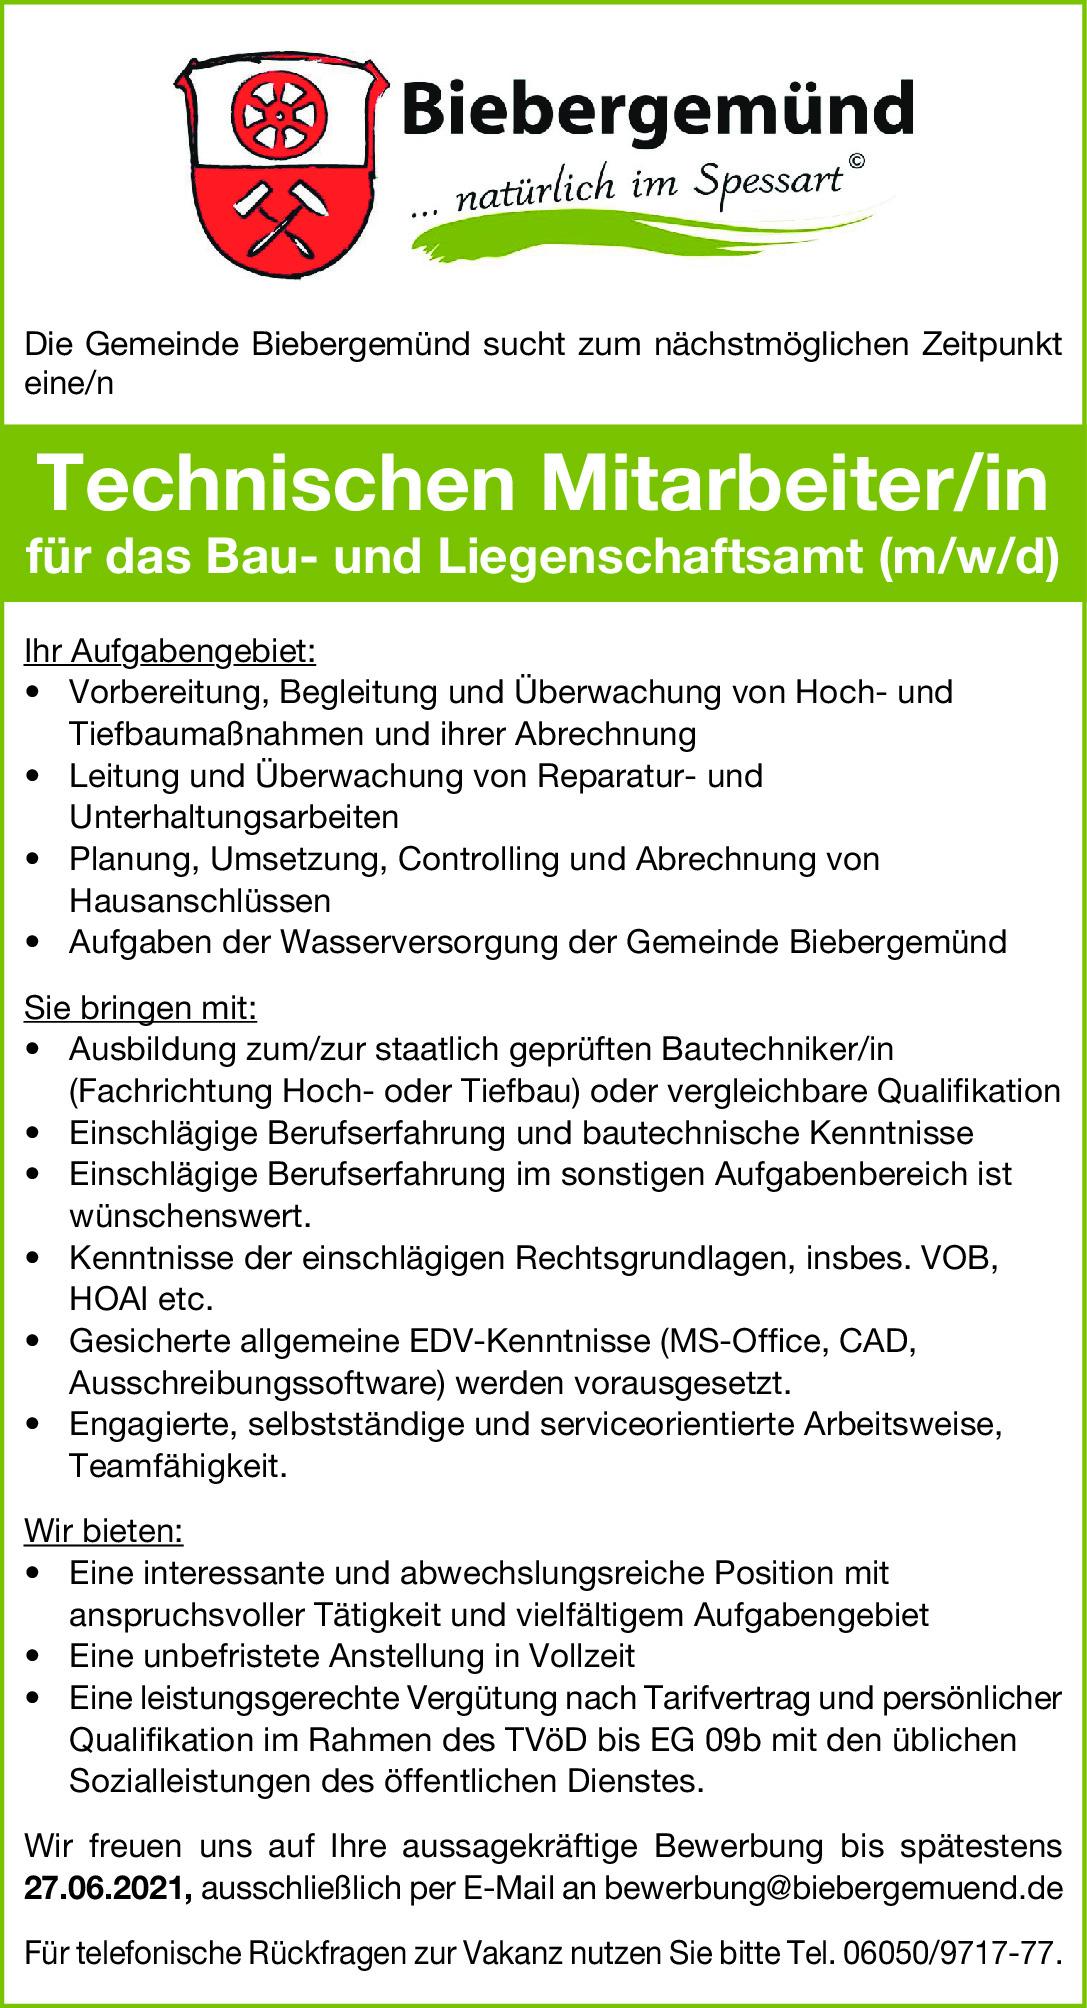 Technische Mitarbeiter/in